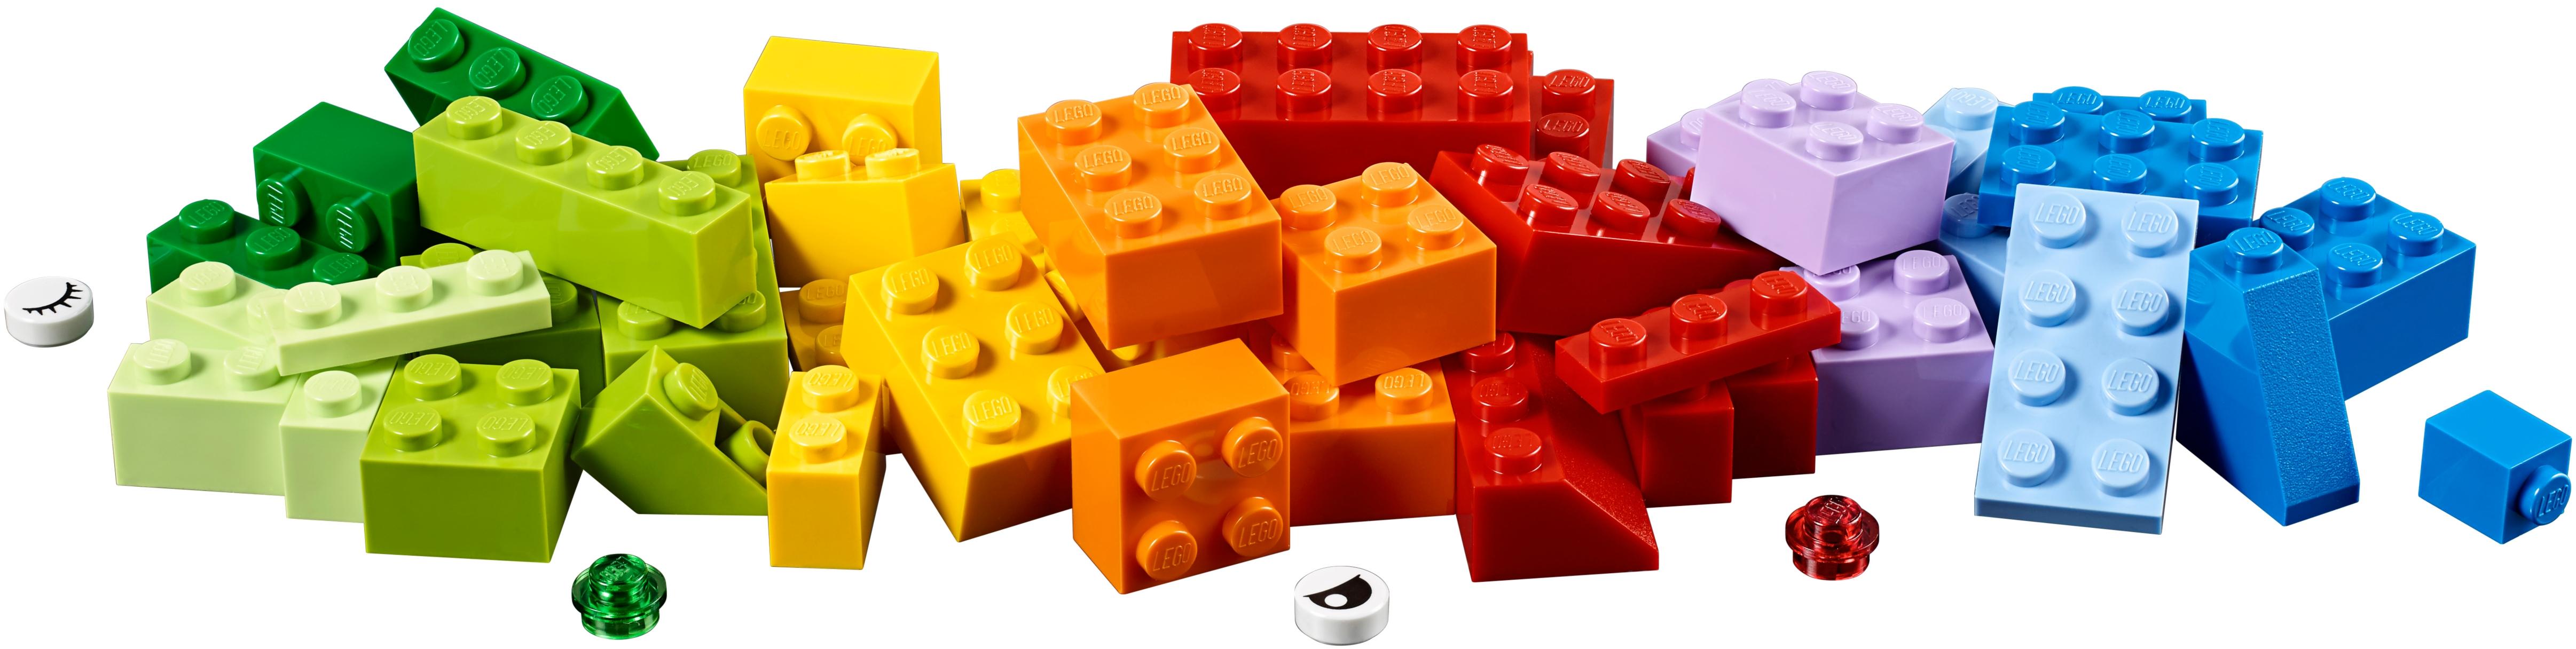 Bricks Bricks Bricks